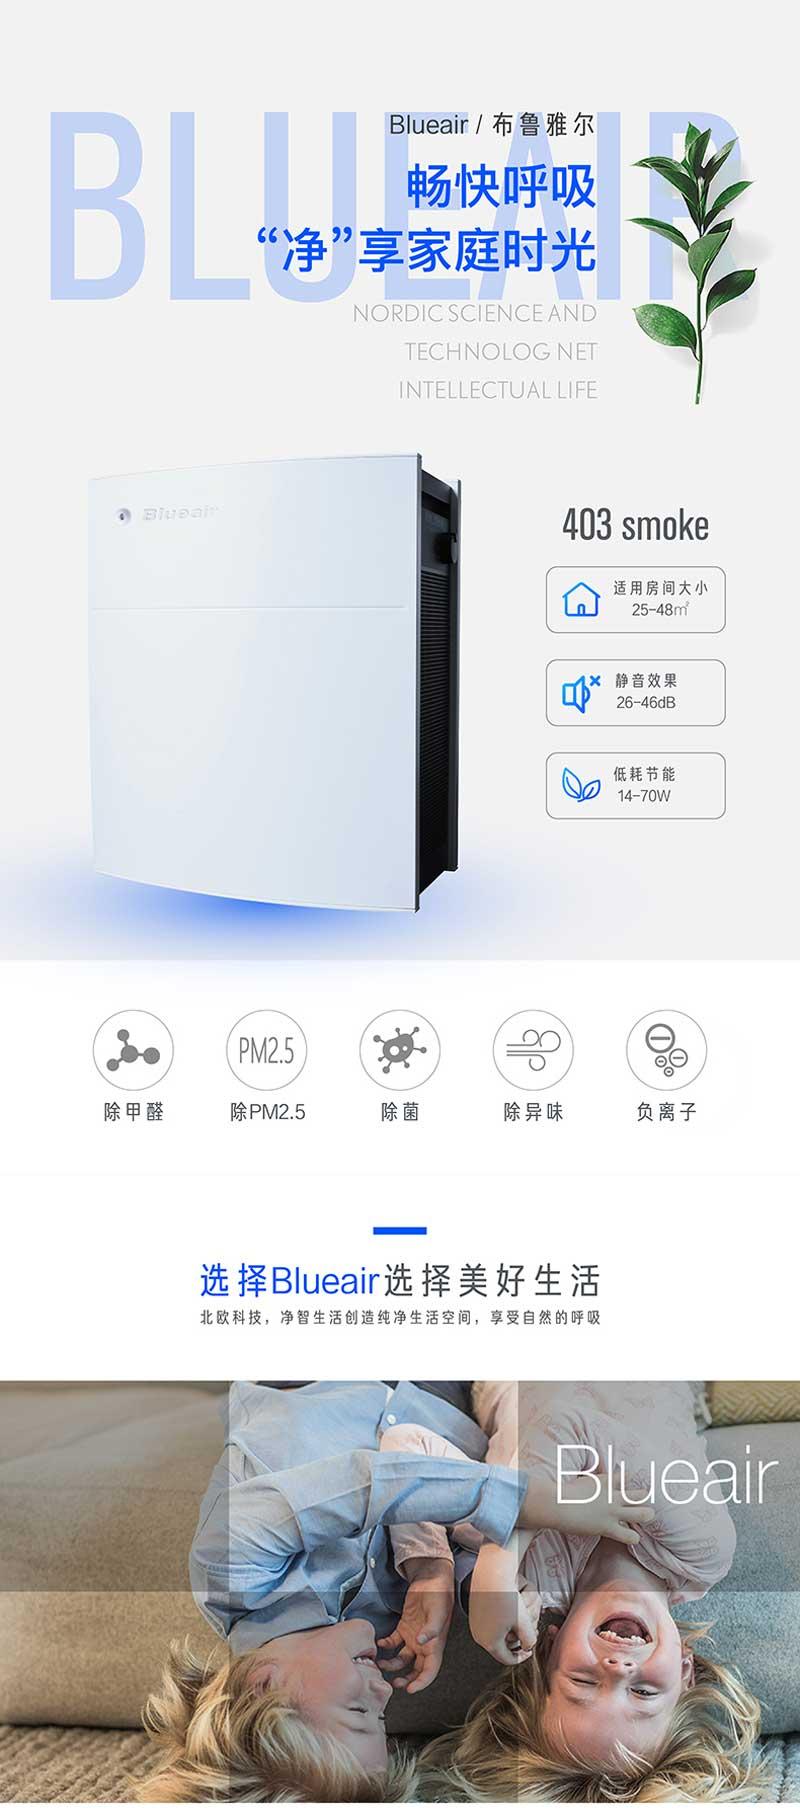 布鲁雅尔(Blueair) 空气净化器 除甲醛pm2.5 203(WSZ)详情页-1